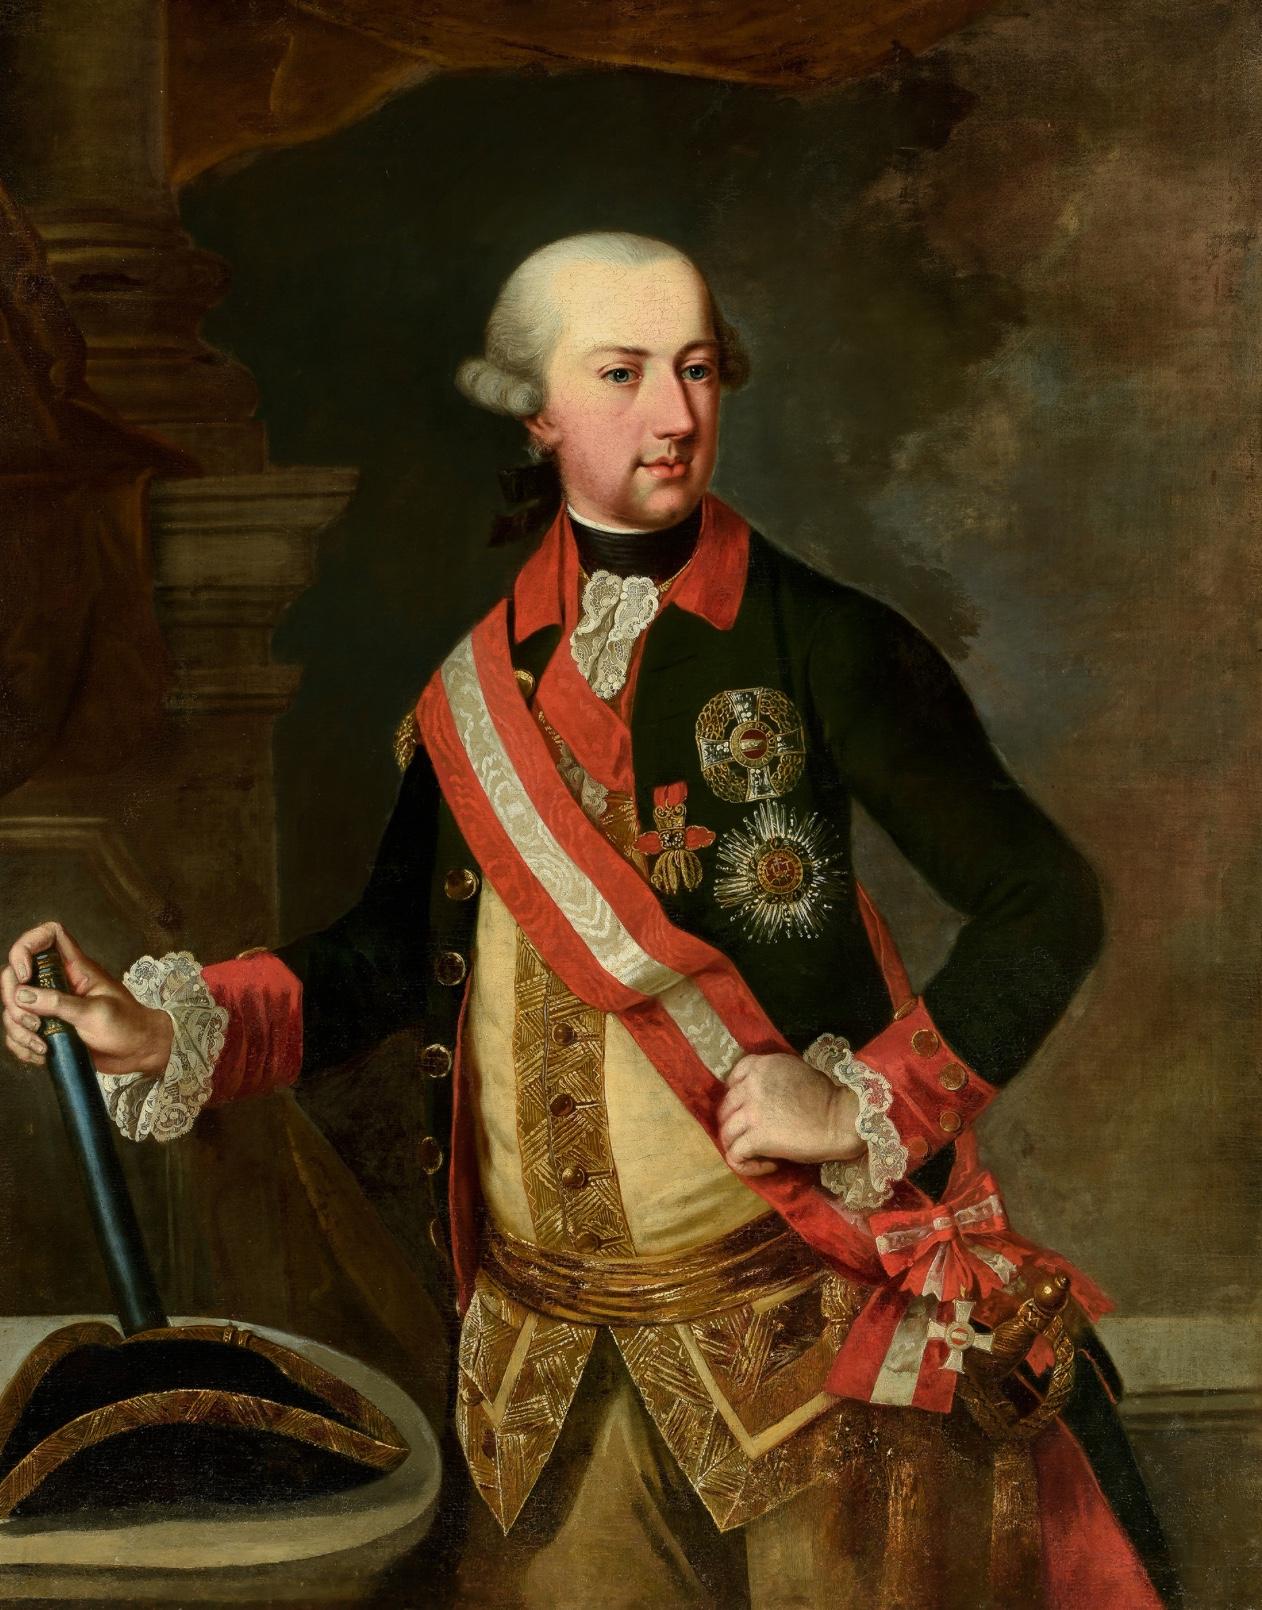 Escuela francesa del siglo XVIII – Retrato de caballero de la Orden del Toisón de Oro